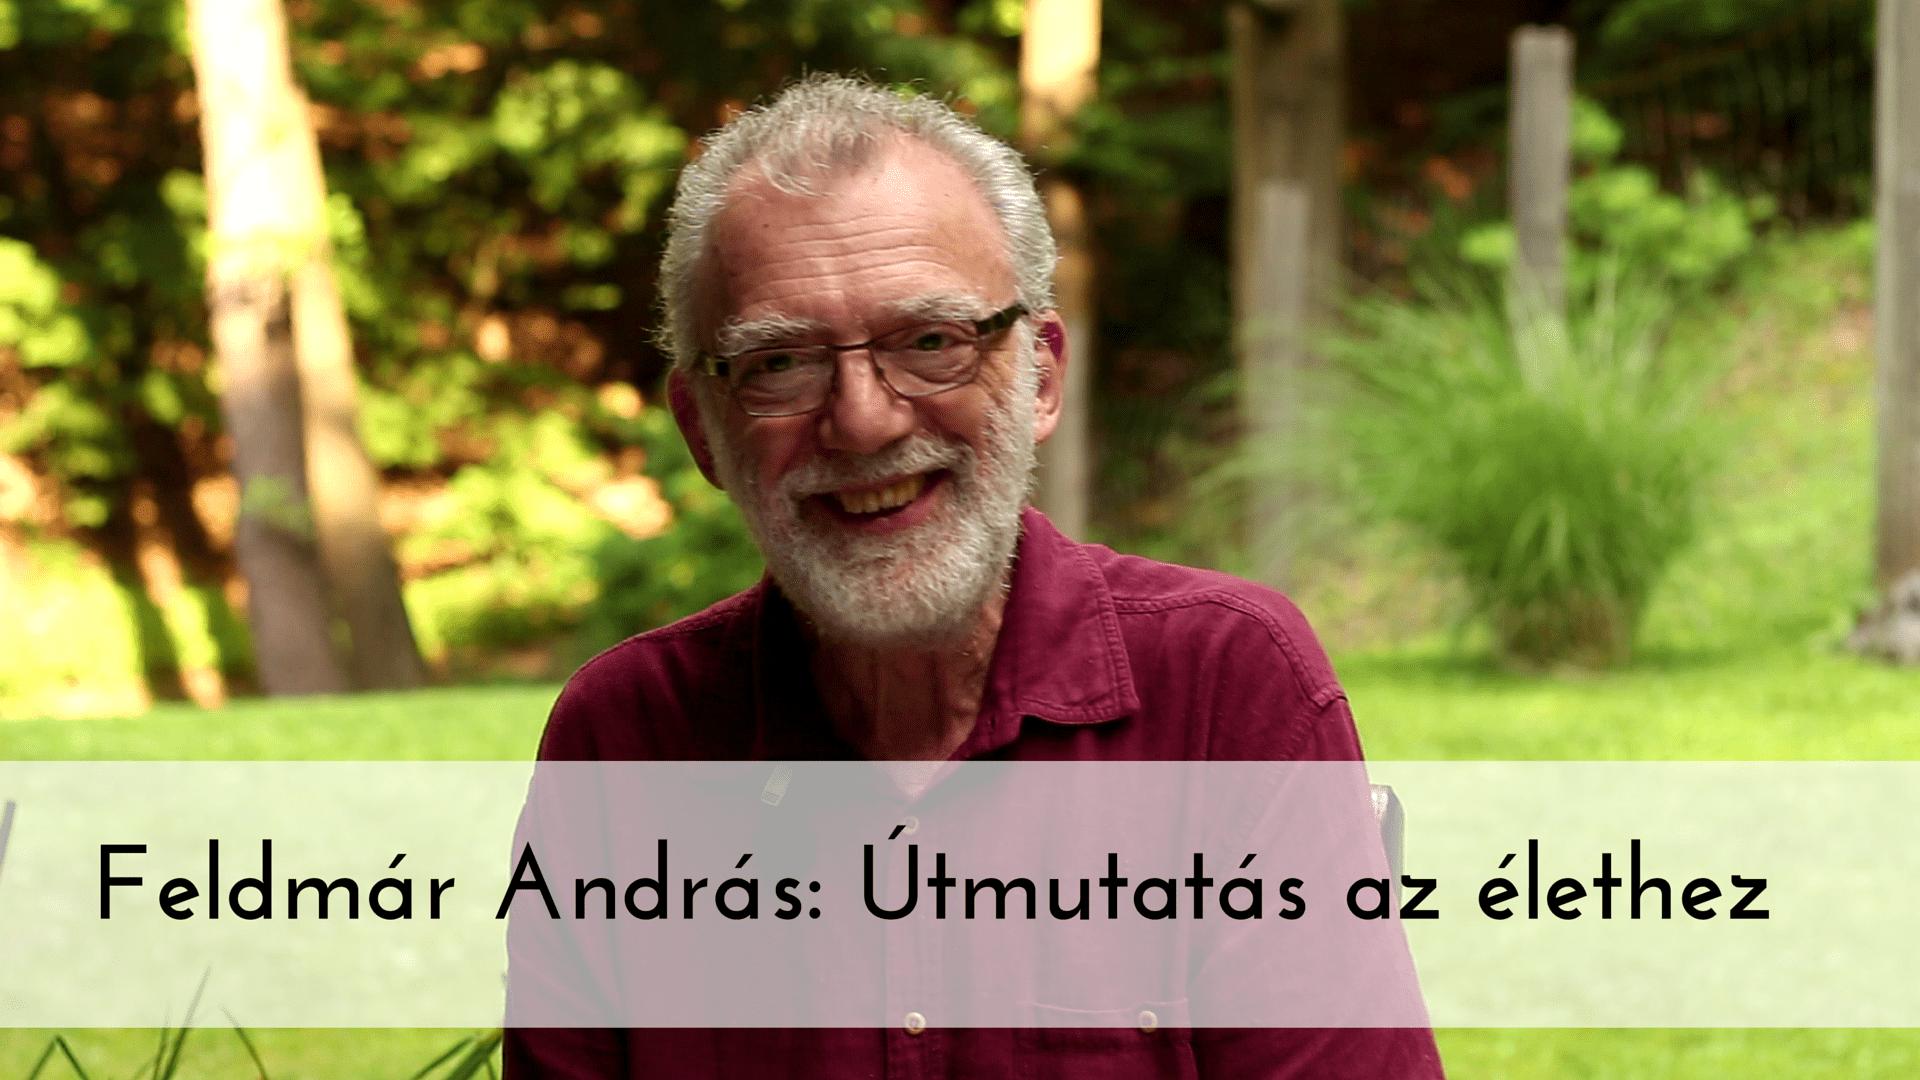 Feldmár András- Útmutatás az élethez